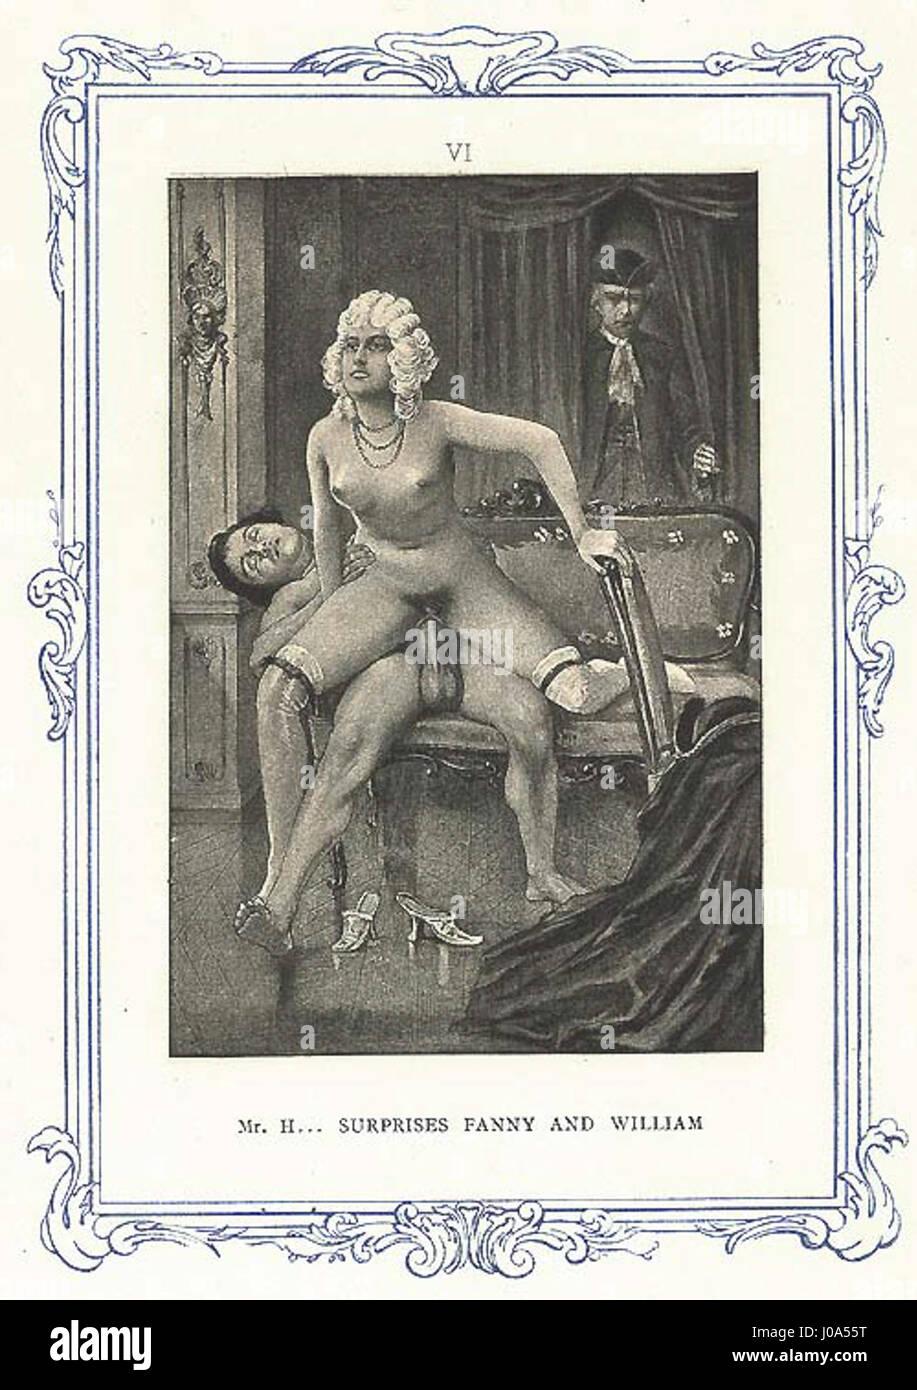 Mendoza mirela nude